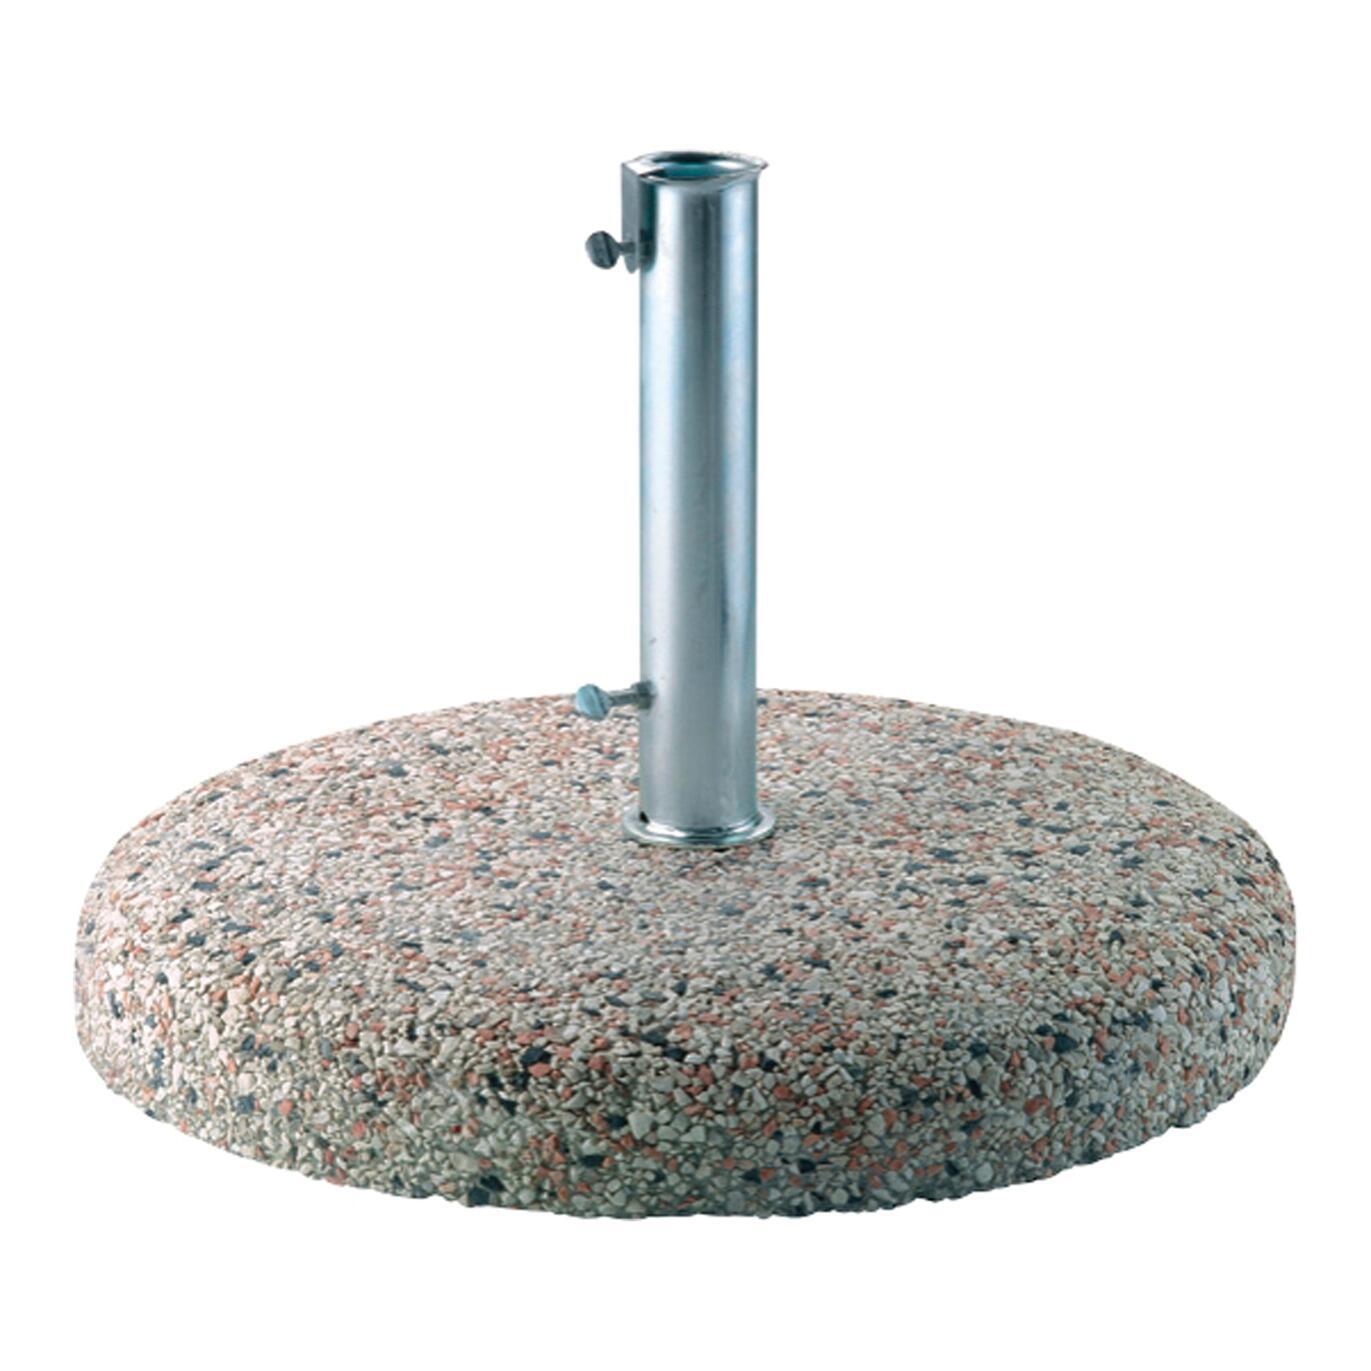 Base per ombrellone Ø 55 mm